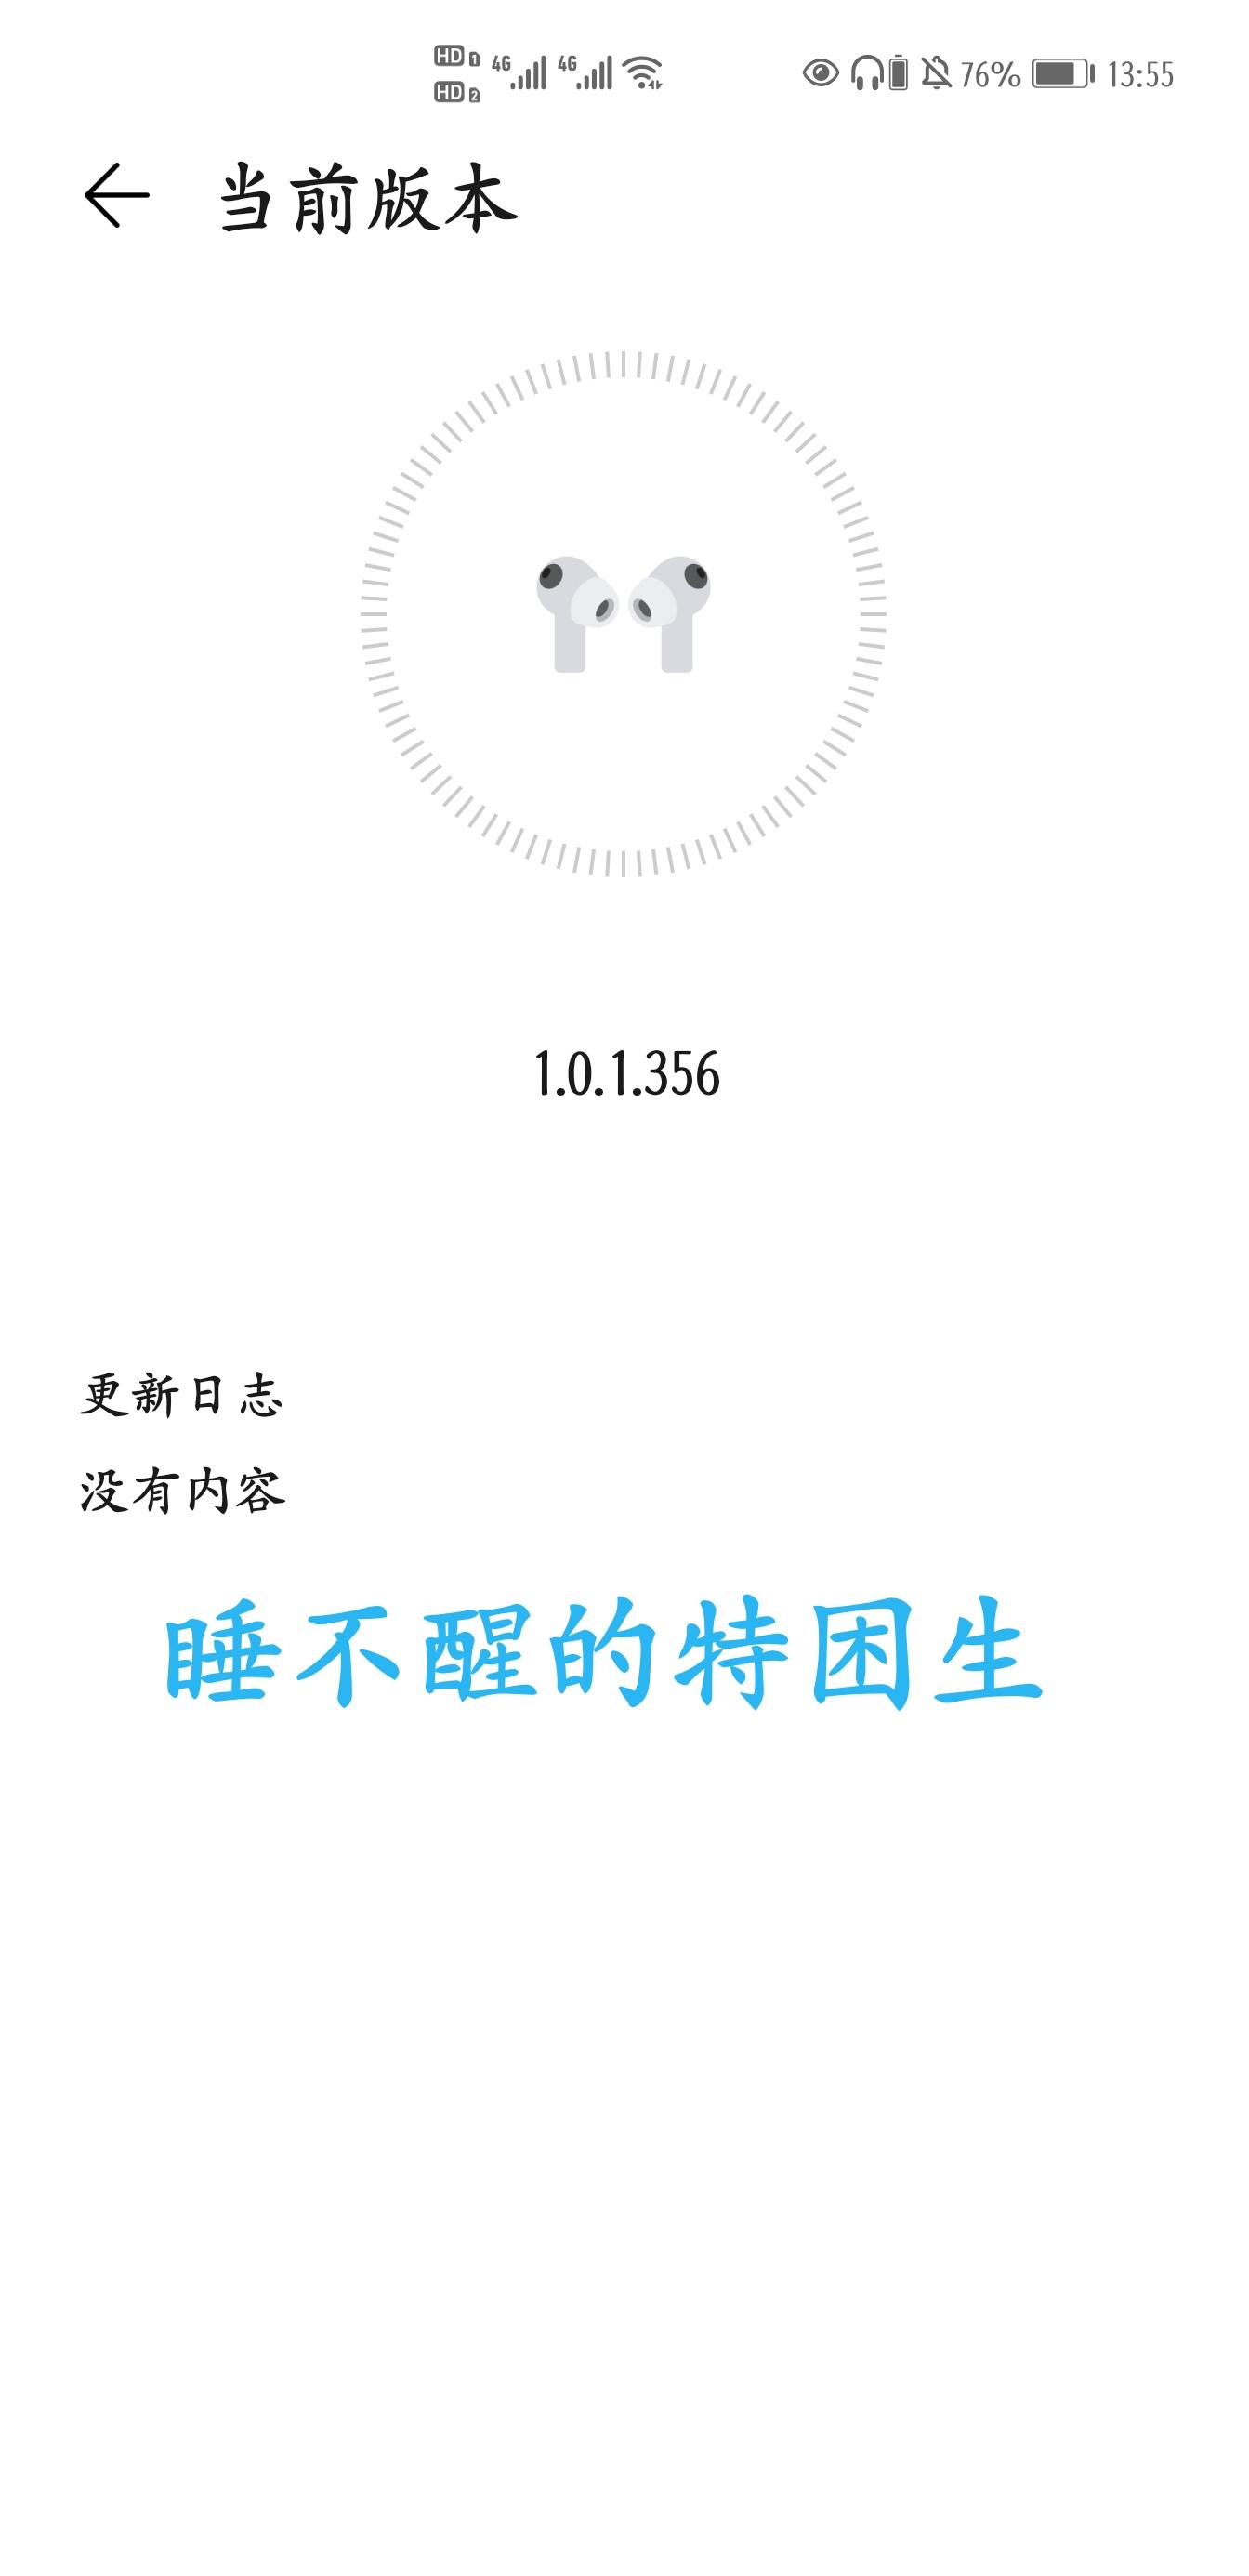 Screenshot_20210329_135607.jpg